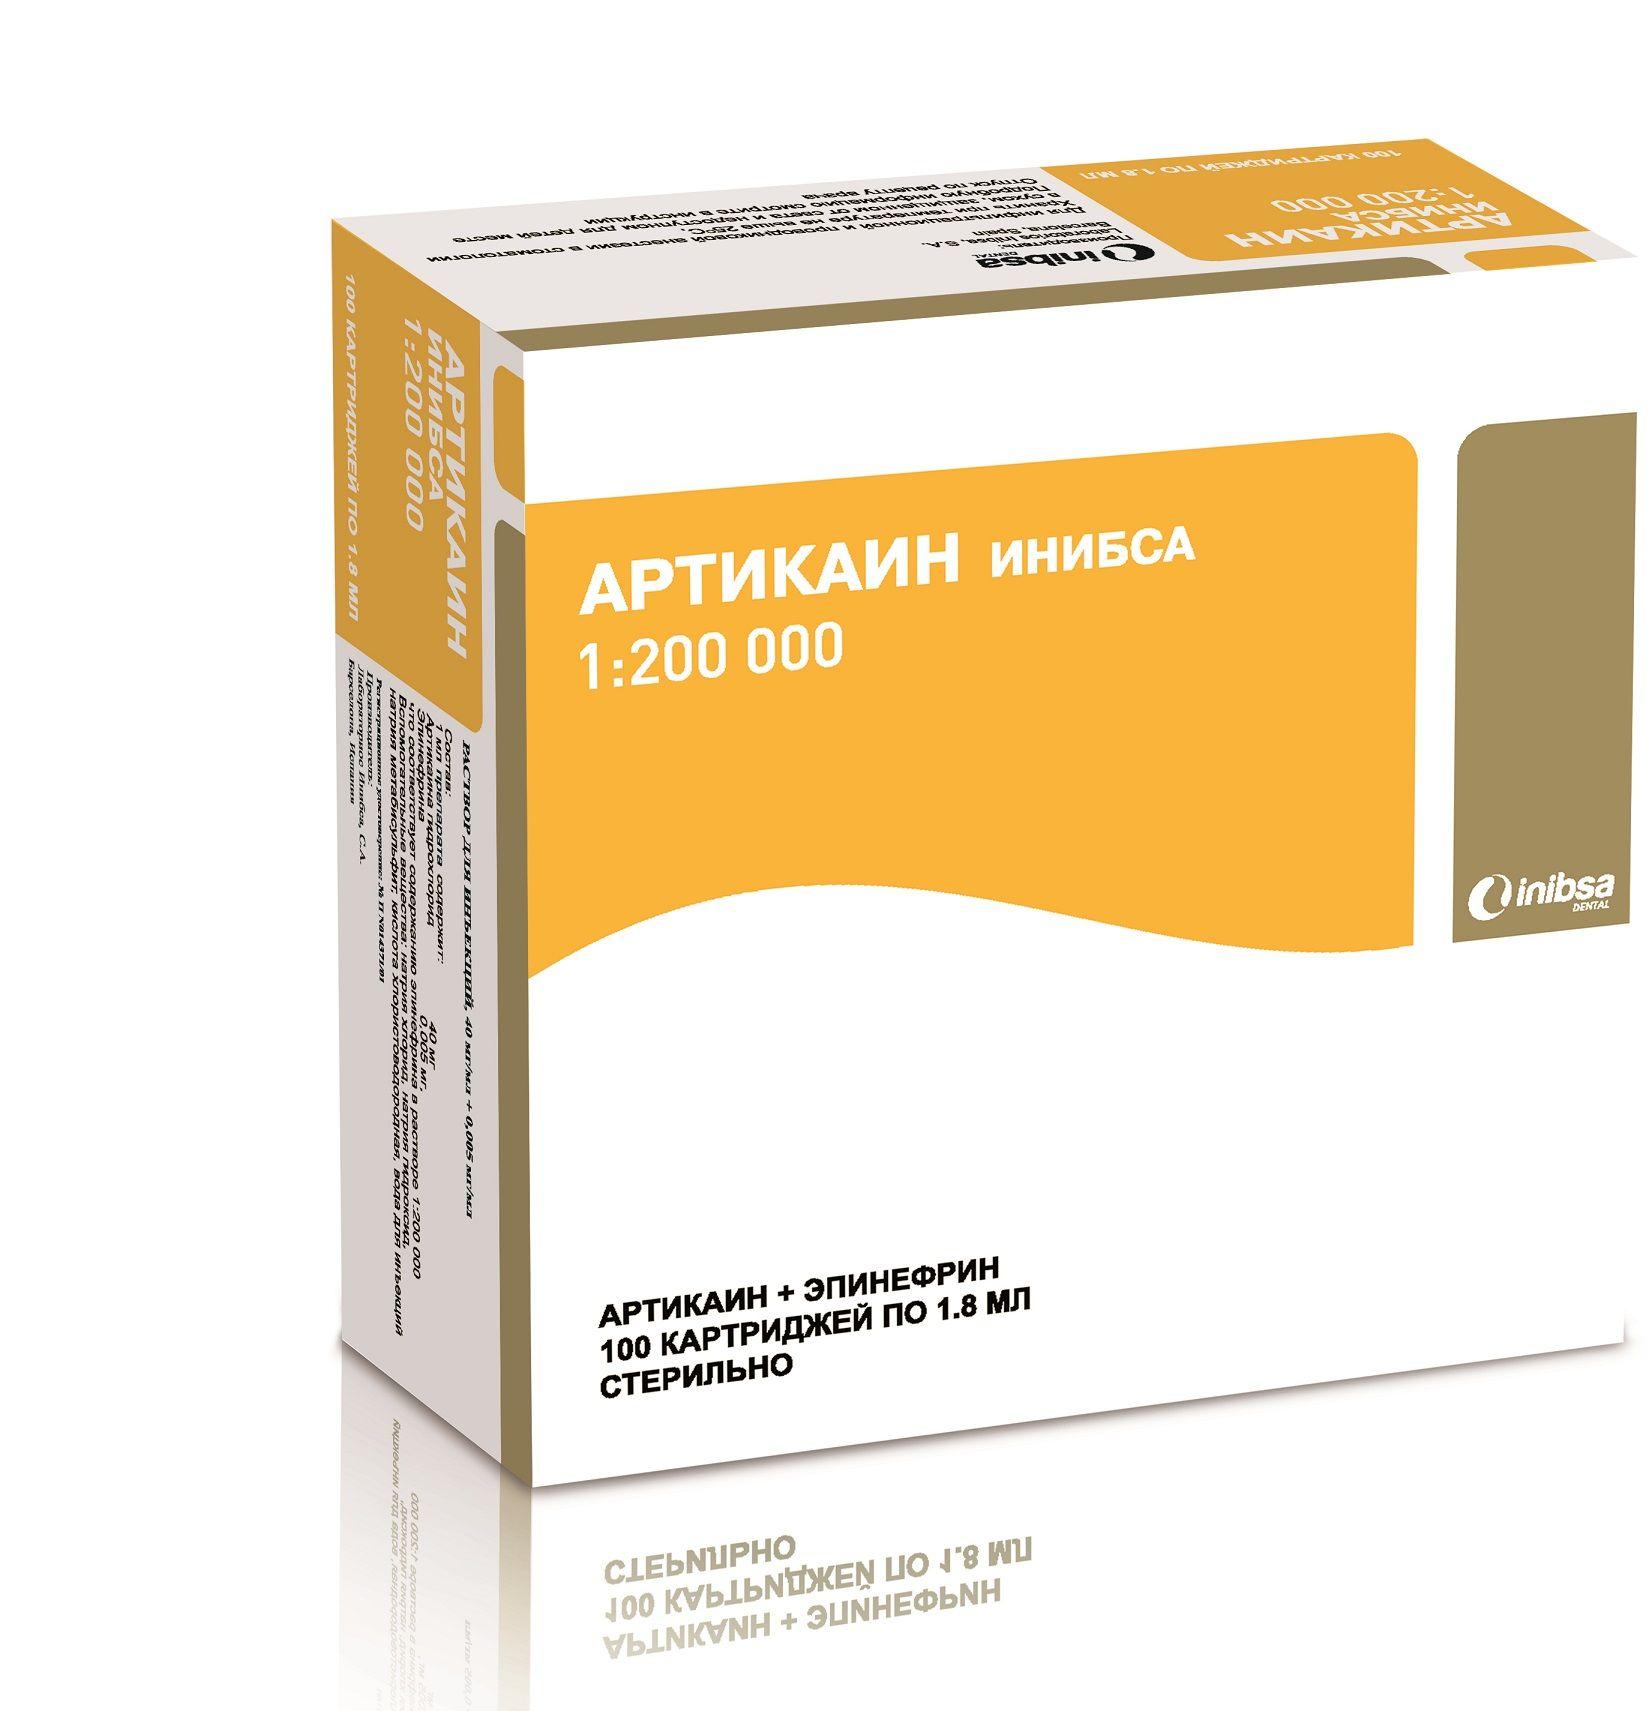 Артикаин 1:200000 -4 % Инибса (100 карпул)